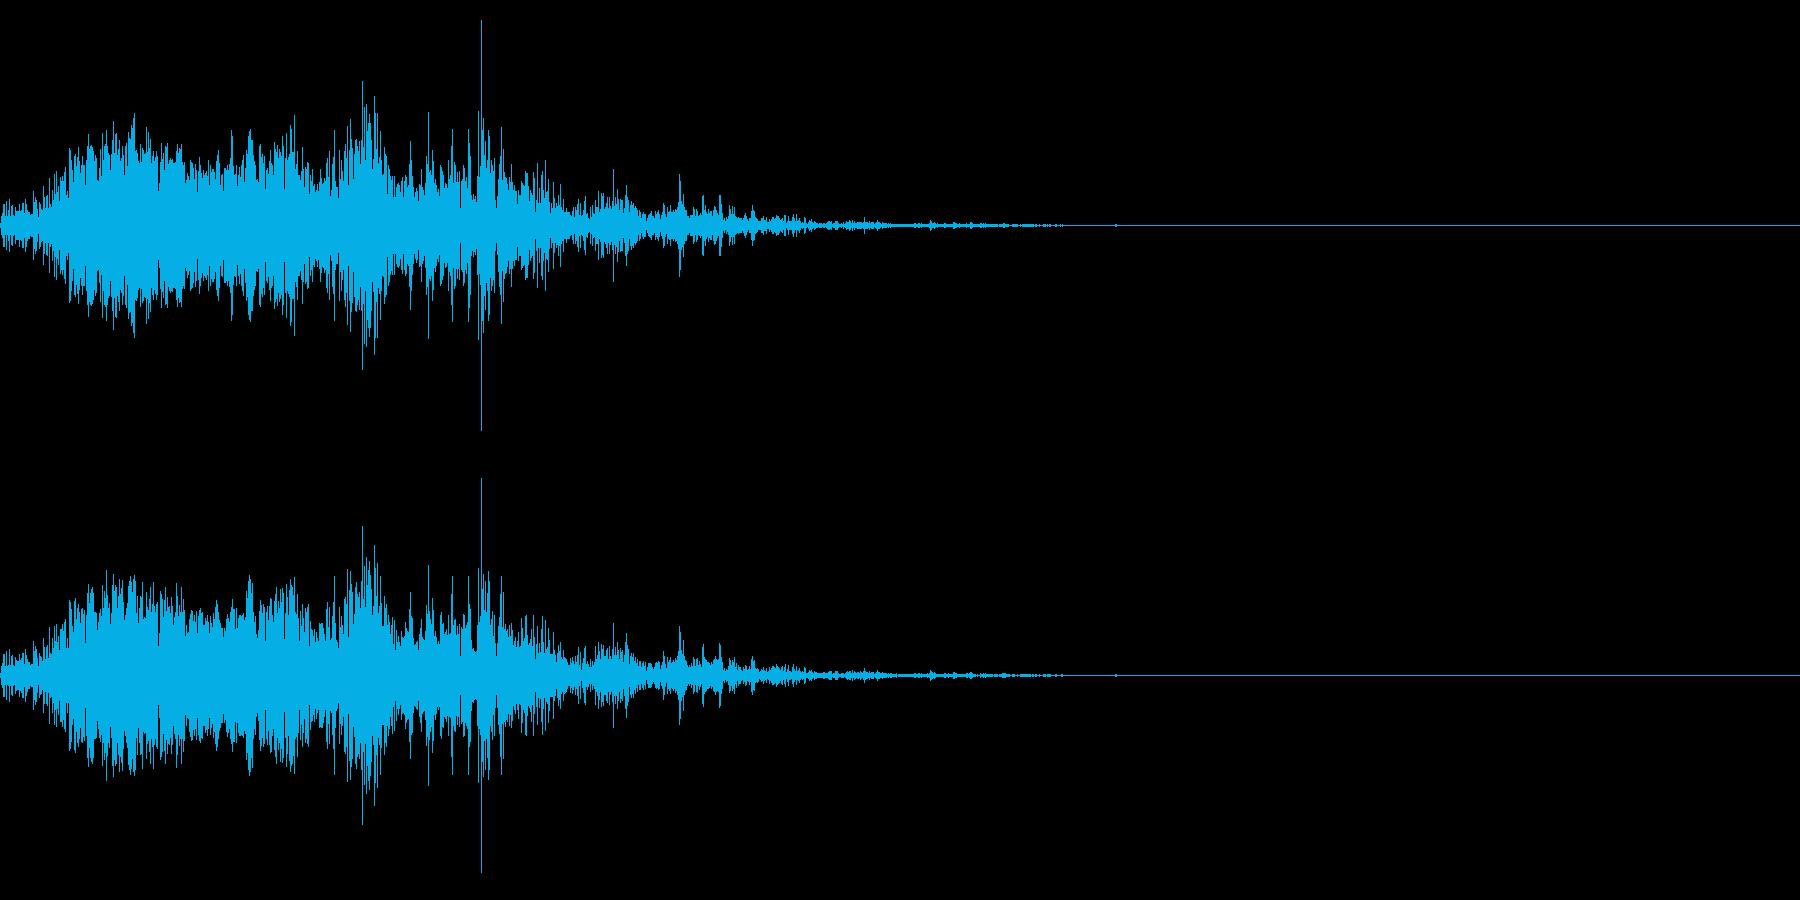 モンスターが獲物を捕食するイメージの再生済みの波形